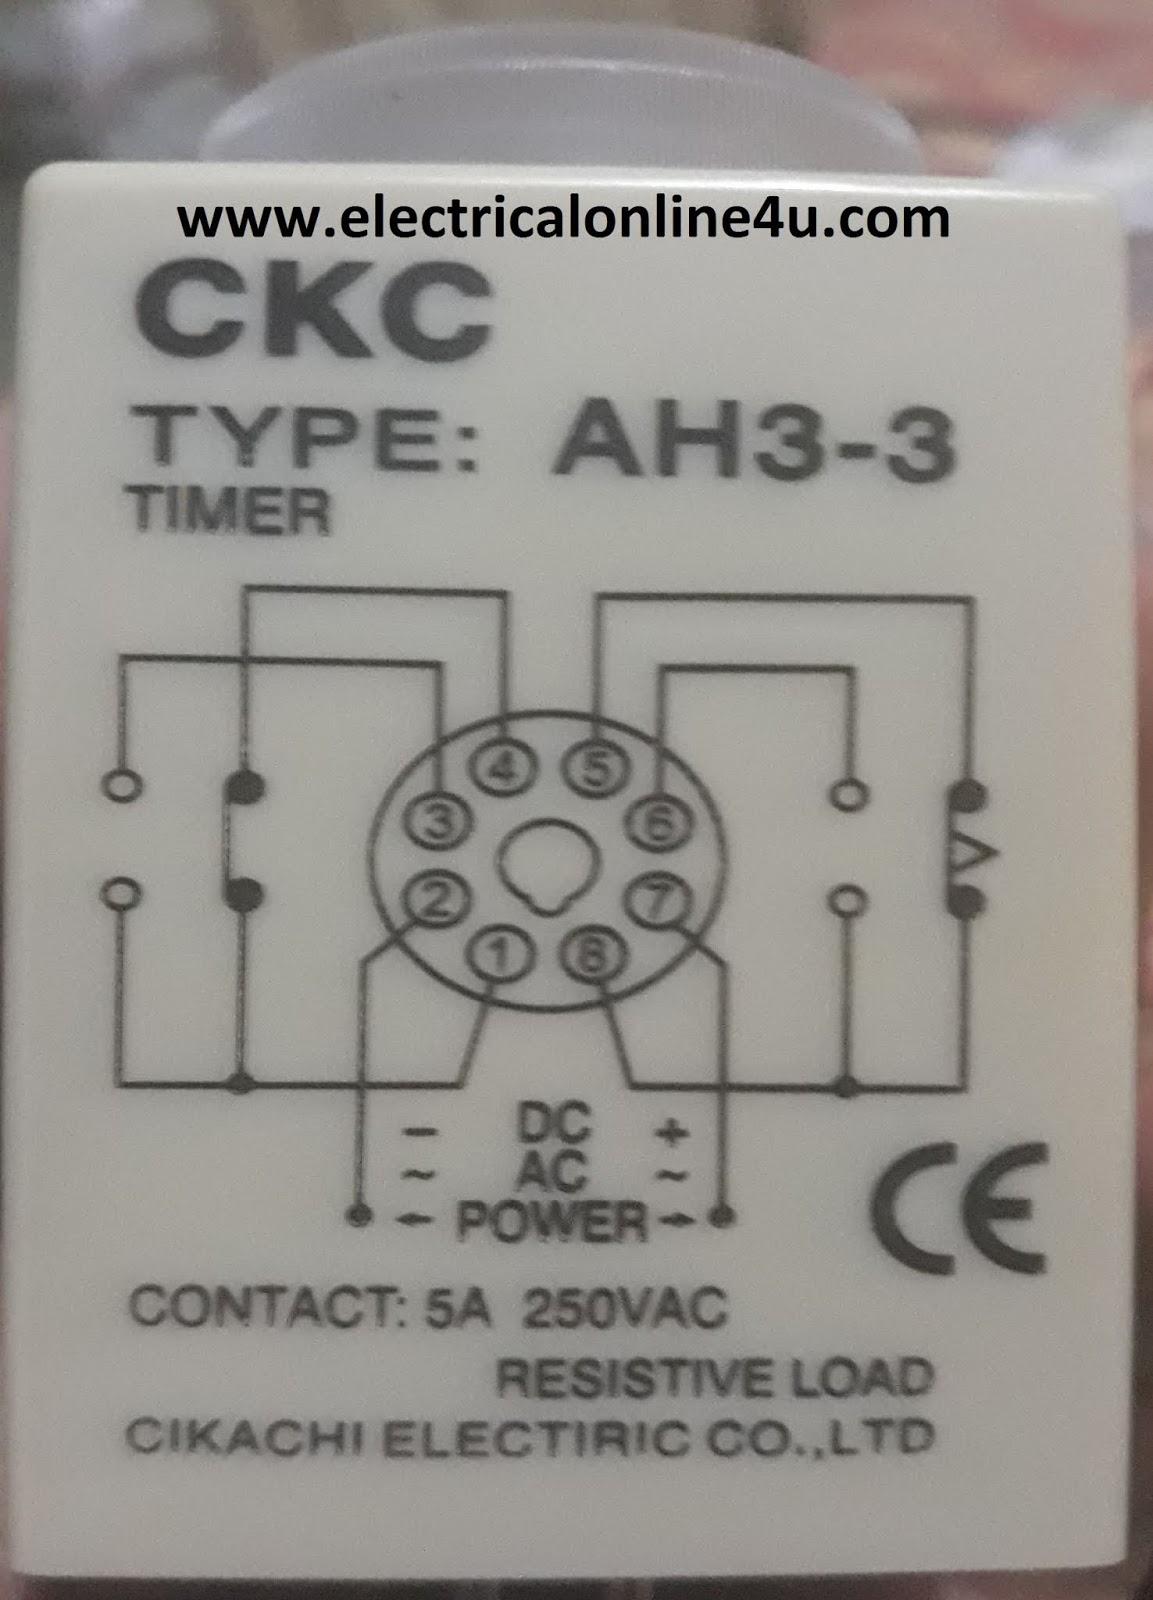 8 Pin Timer Wiring Diagram Electricalonline4u